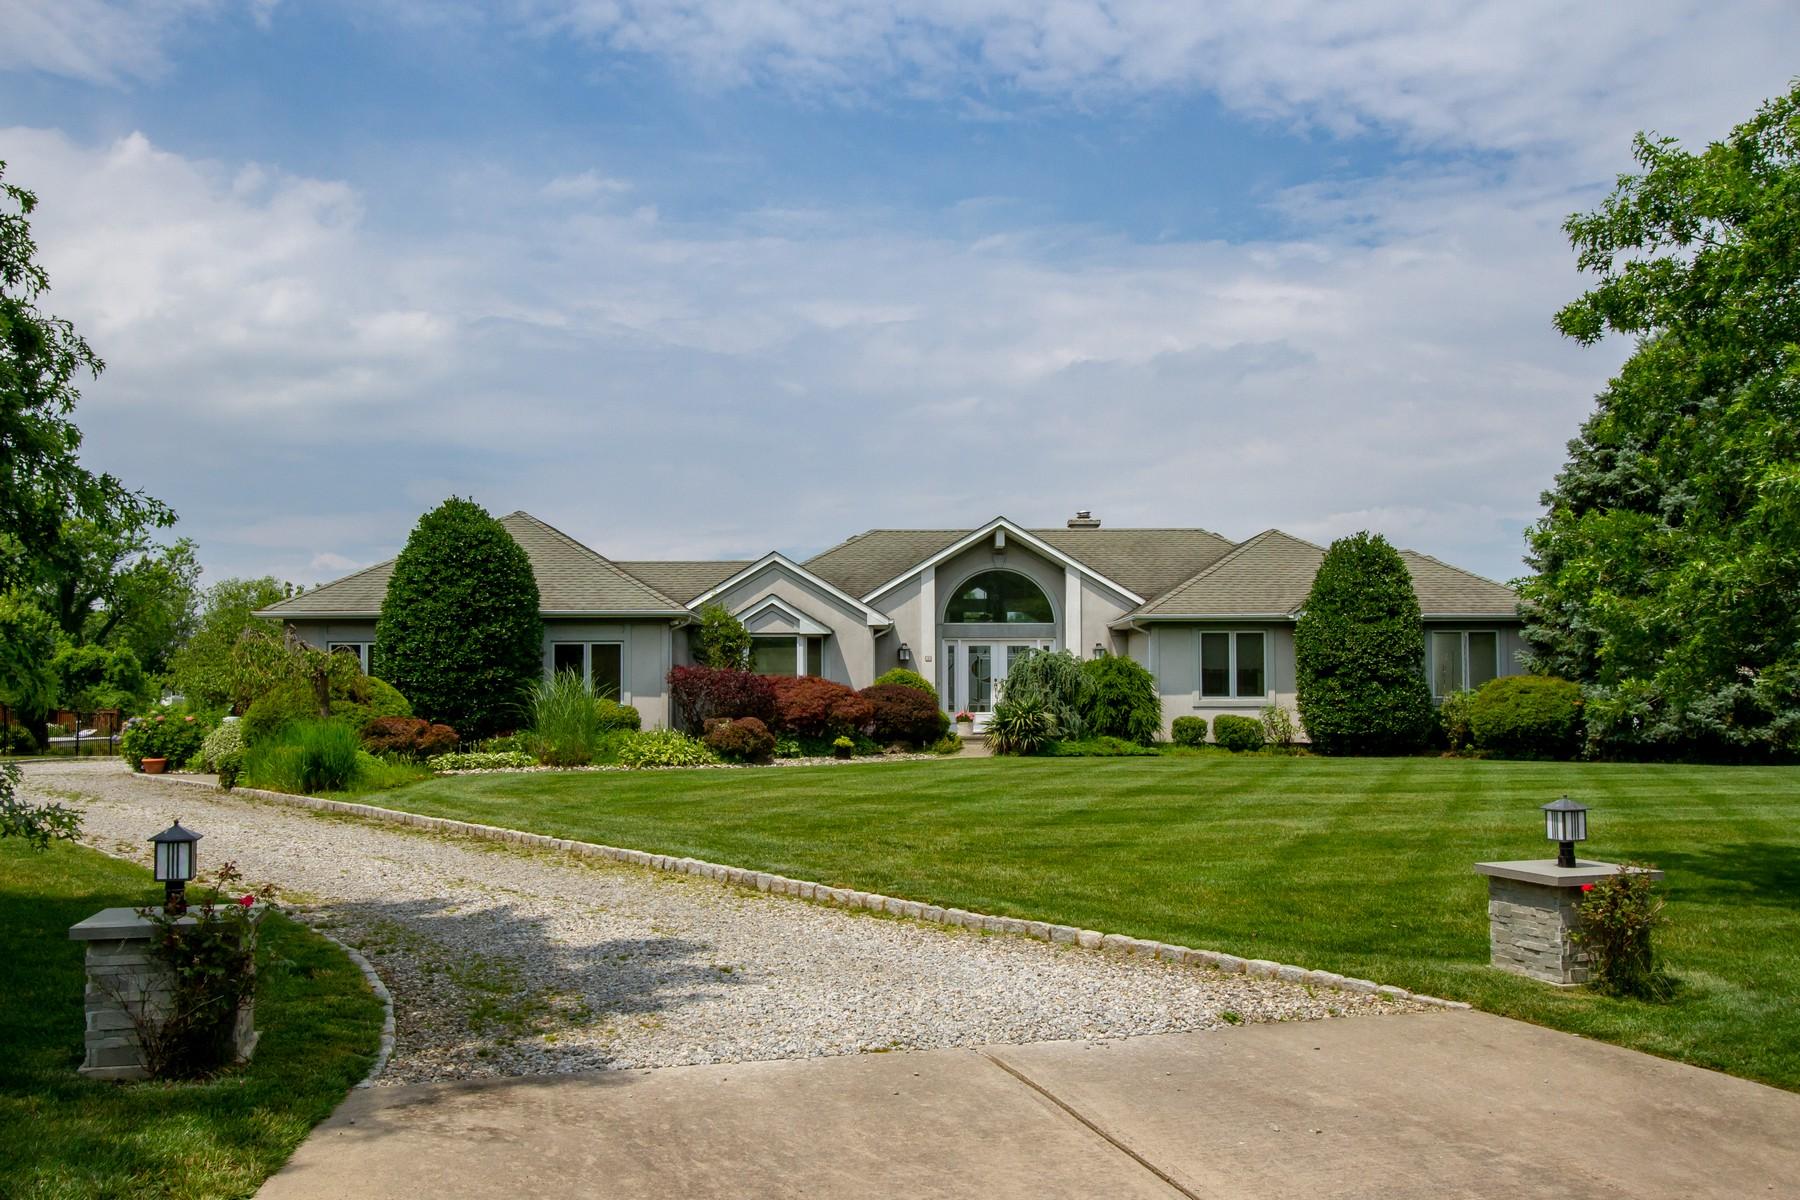 Single Family Homes pour l Vente à LIVE ON THE WATER 4 Blue Point Cv, Oceanport, New Jersey 07757 États-Unis